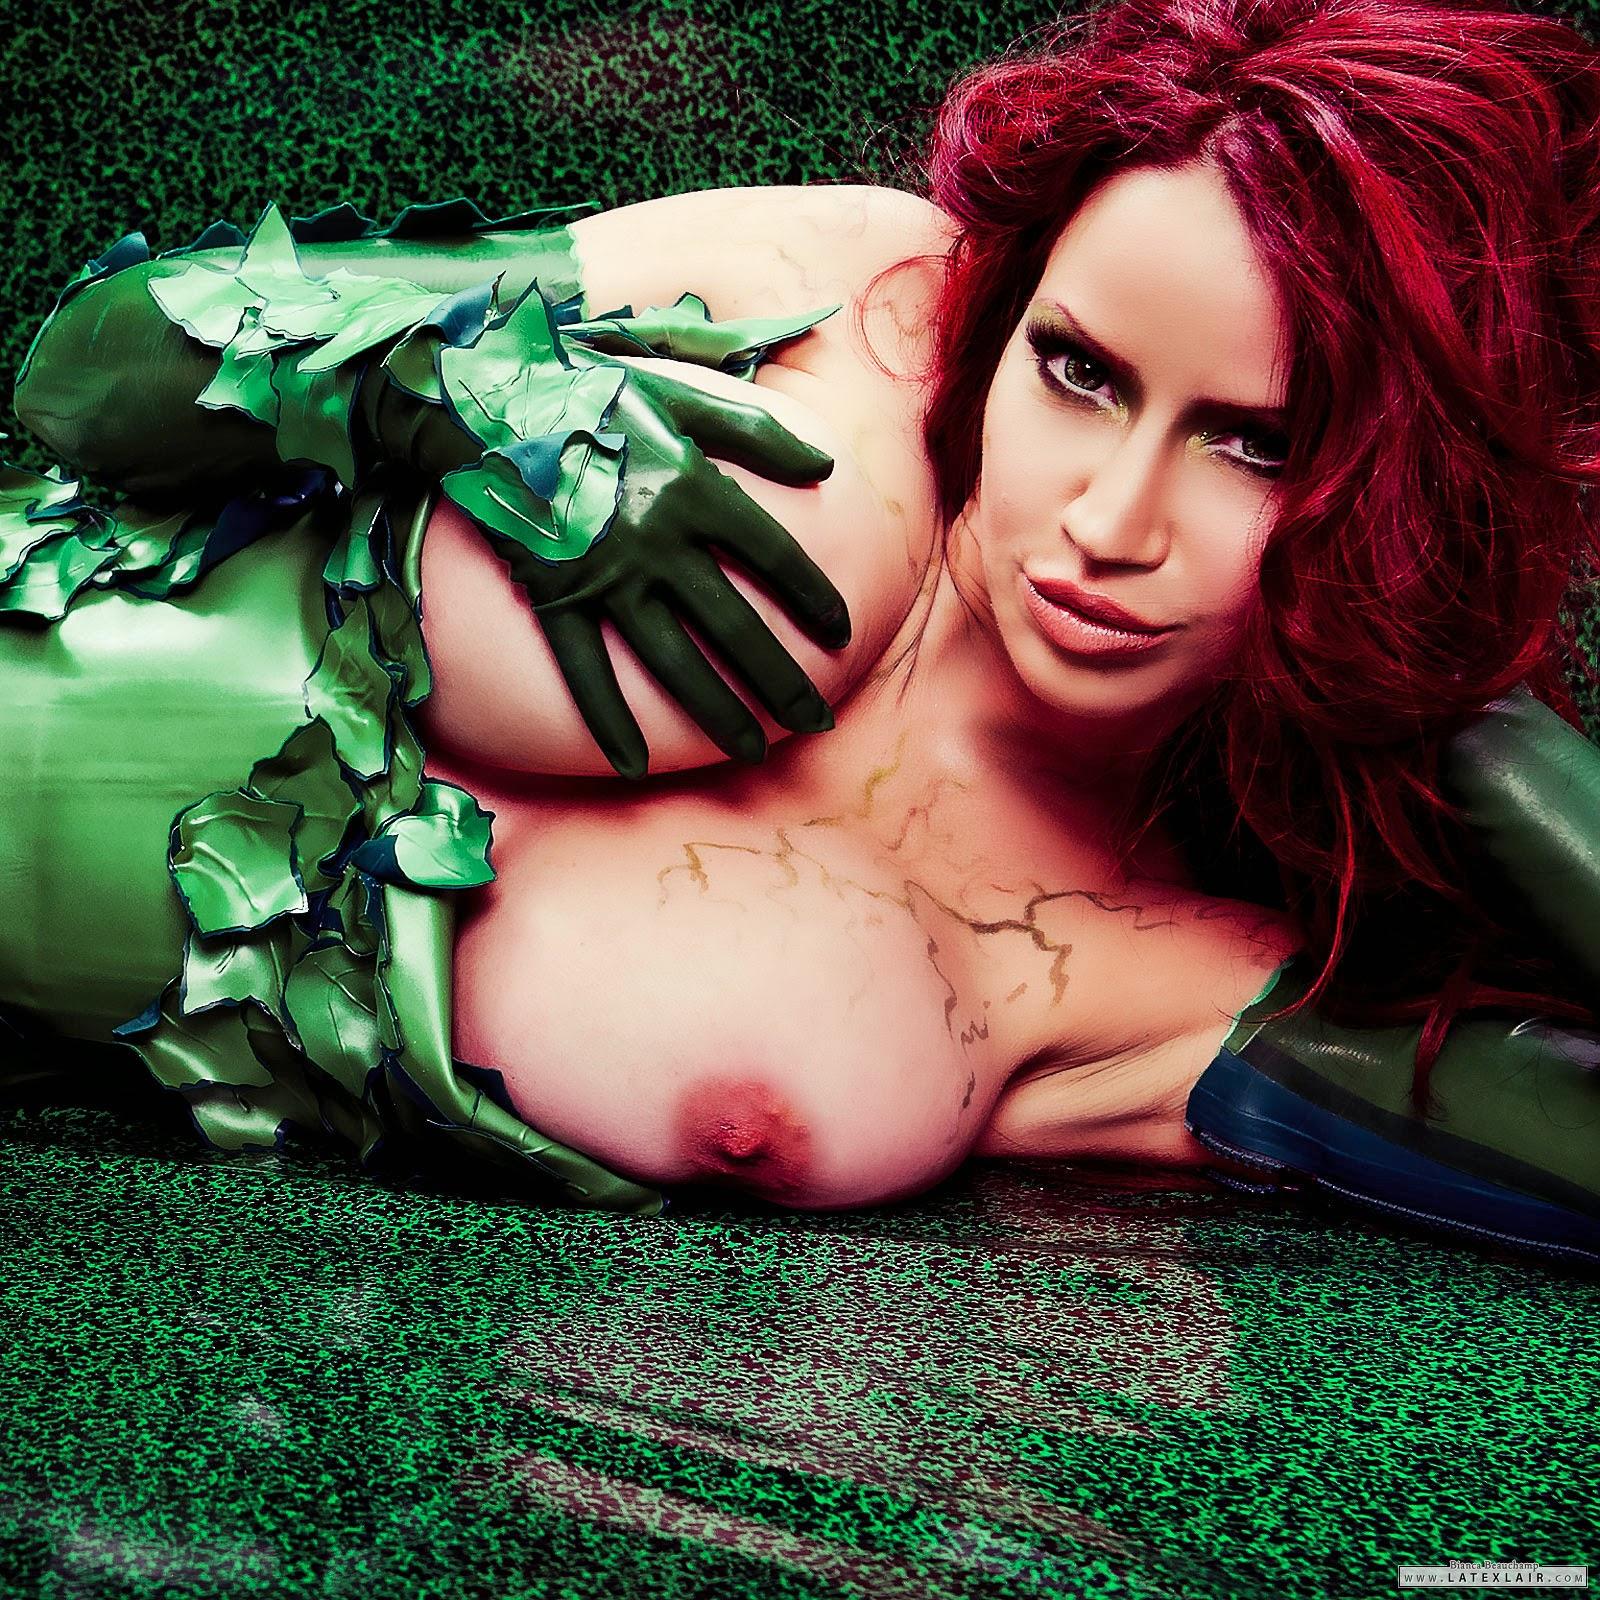 Bianca Beauchamp en poison ivy vinyl seins nus